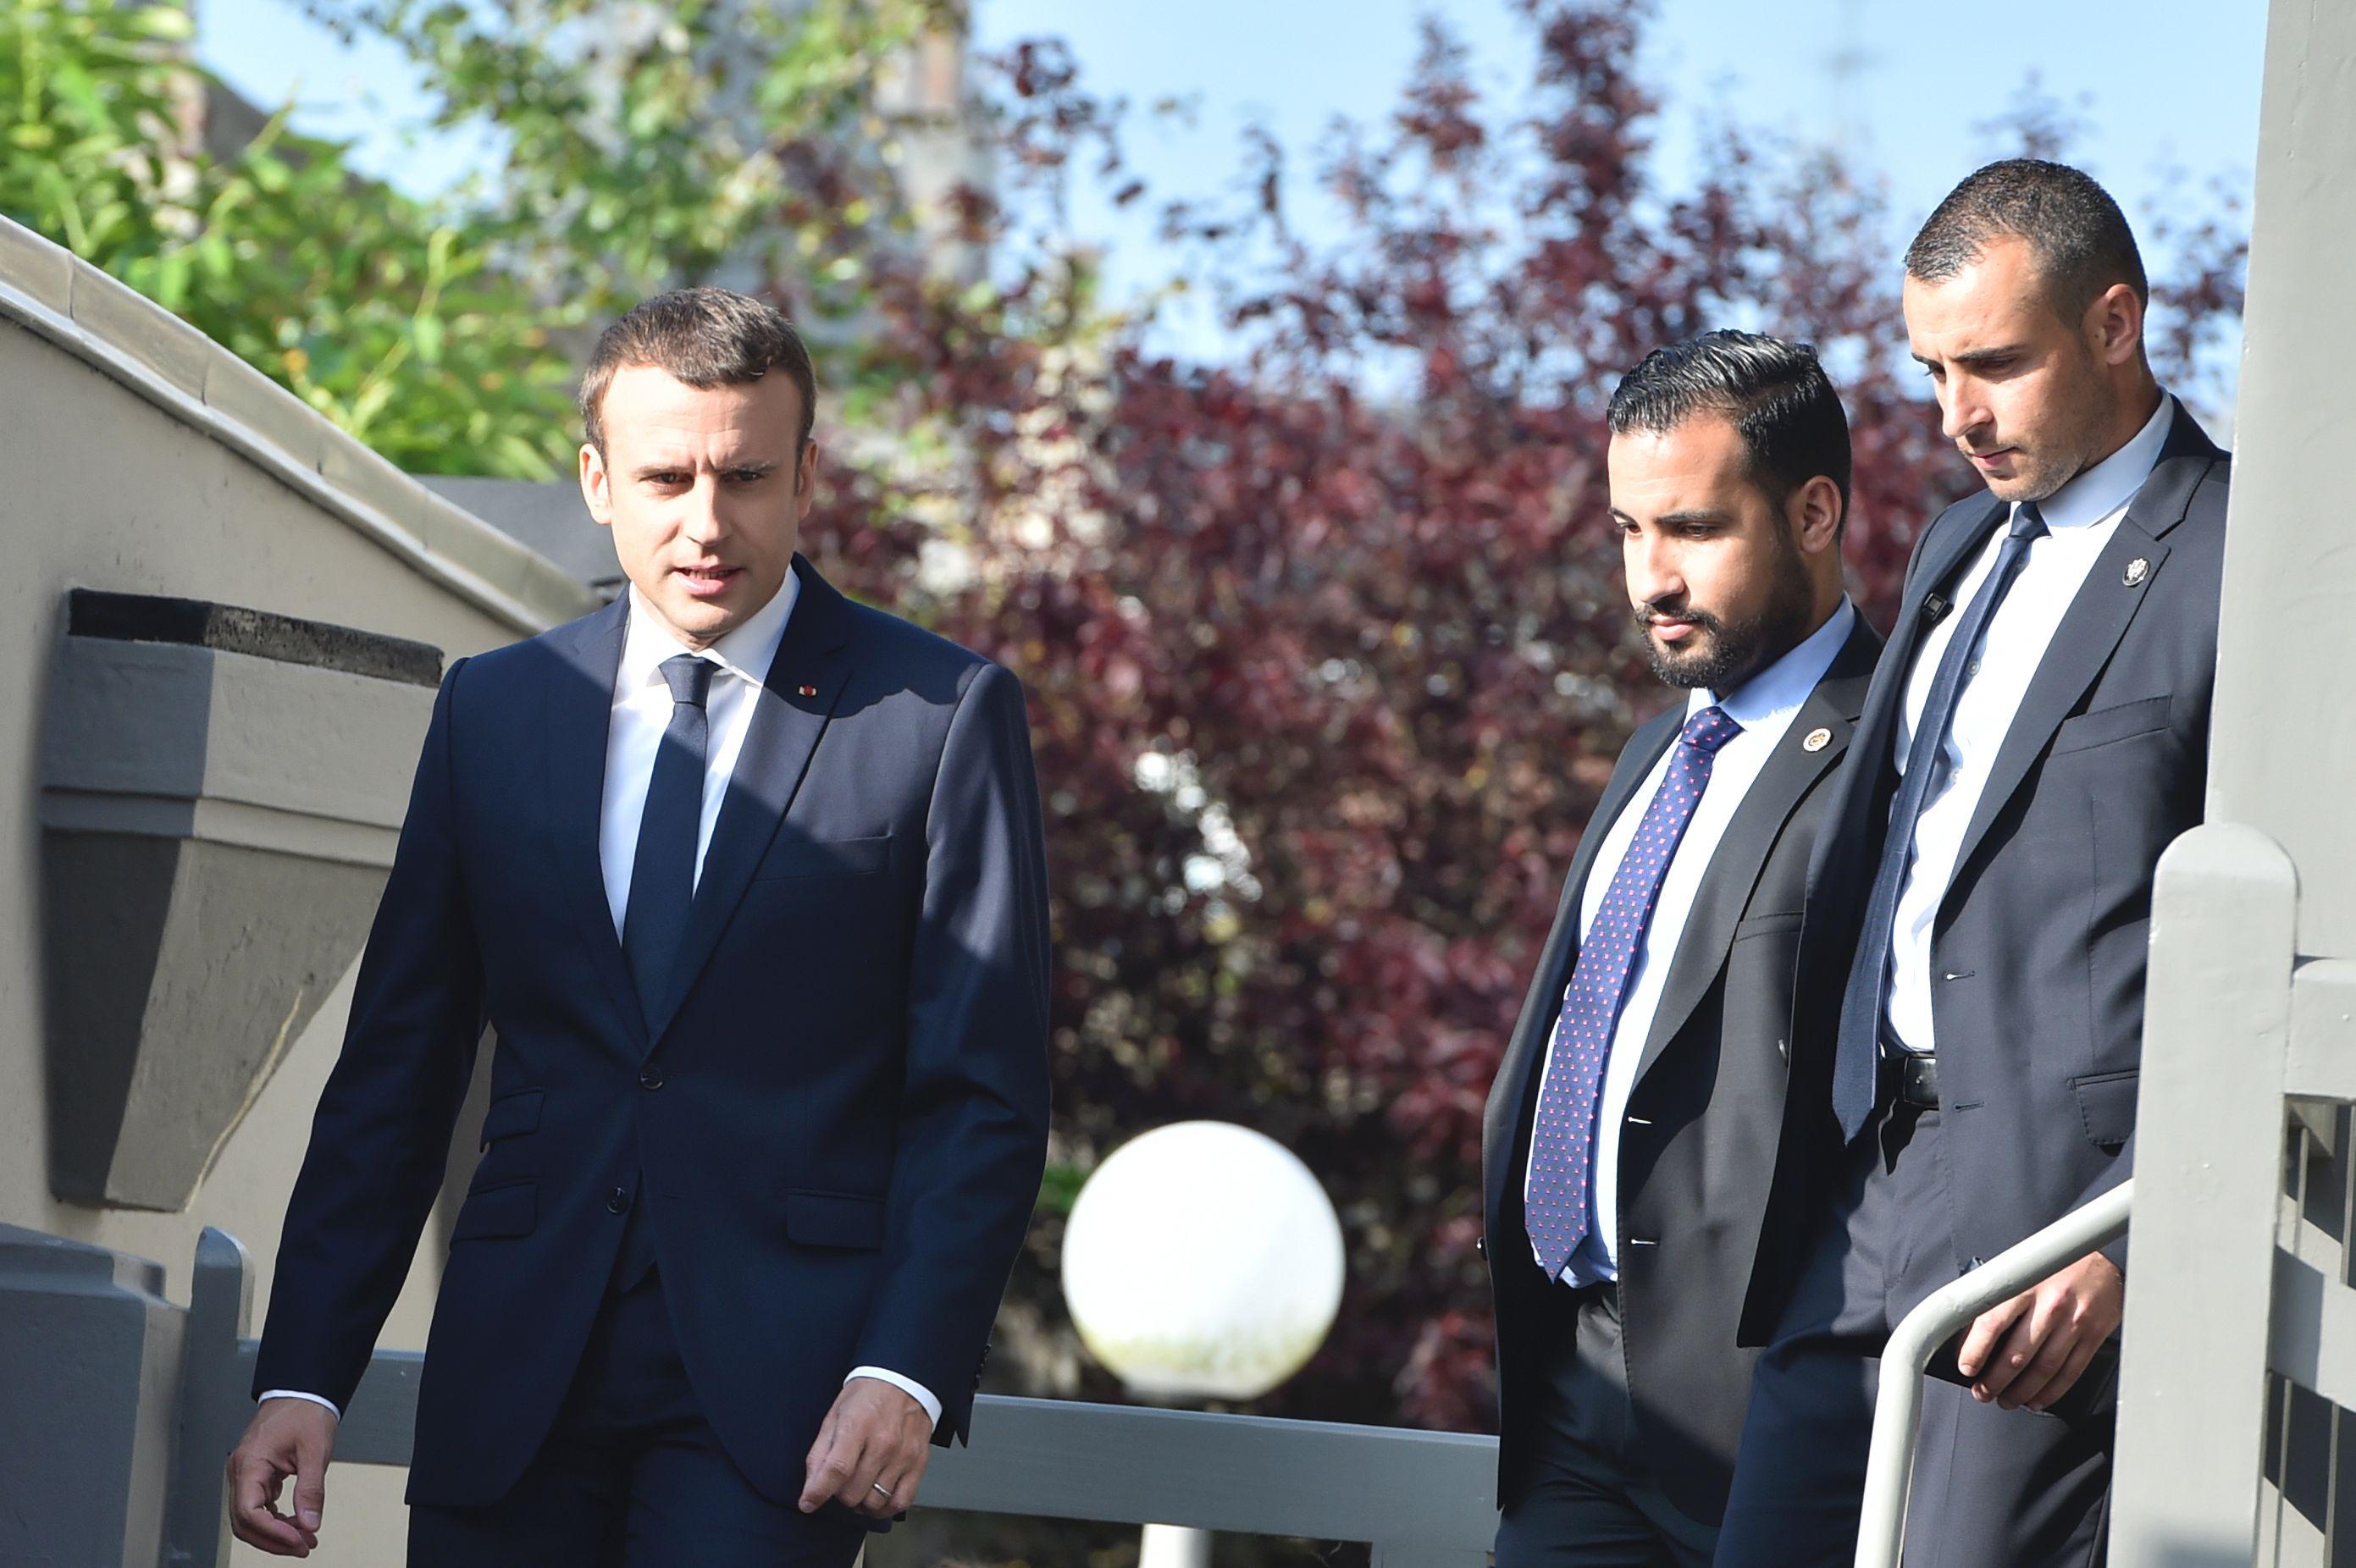 الرئيس الفرنسى يصل مقر لجنته الانتخابية